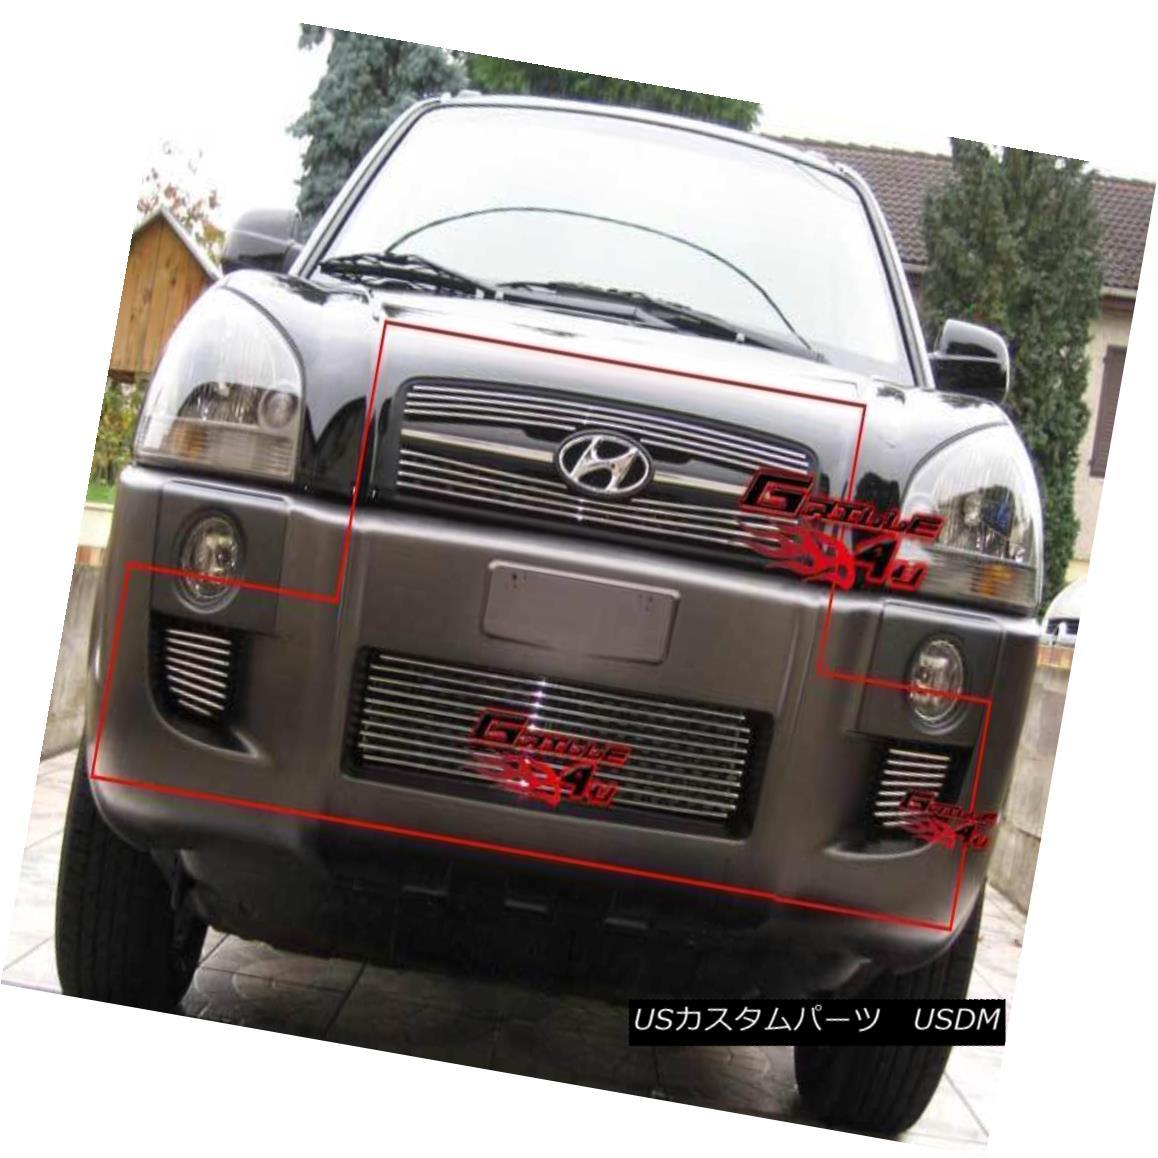 グリル Fits 2005-2009 Hyundai Tucson Billet Grille Combo 現代ツーソンビレットグリルコンボ2005-2009に適合